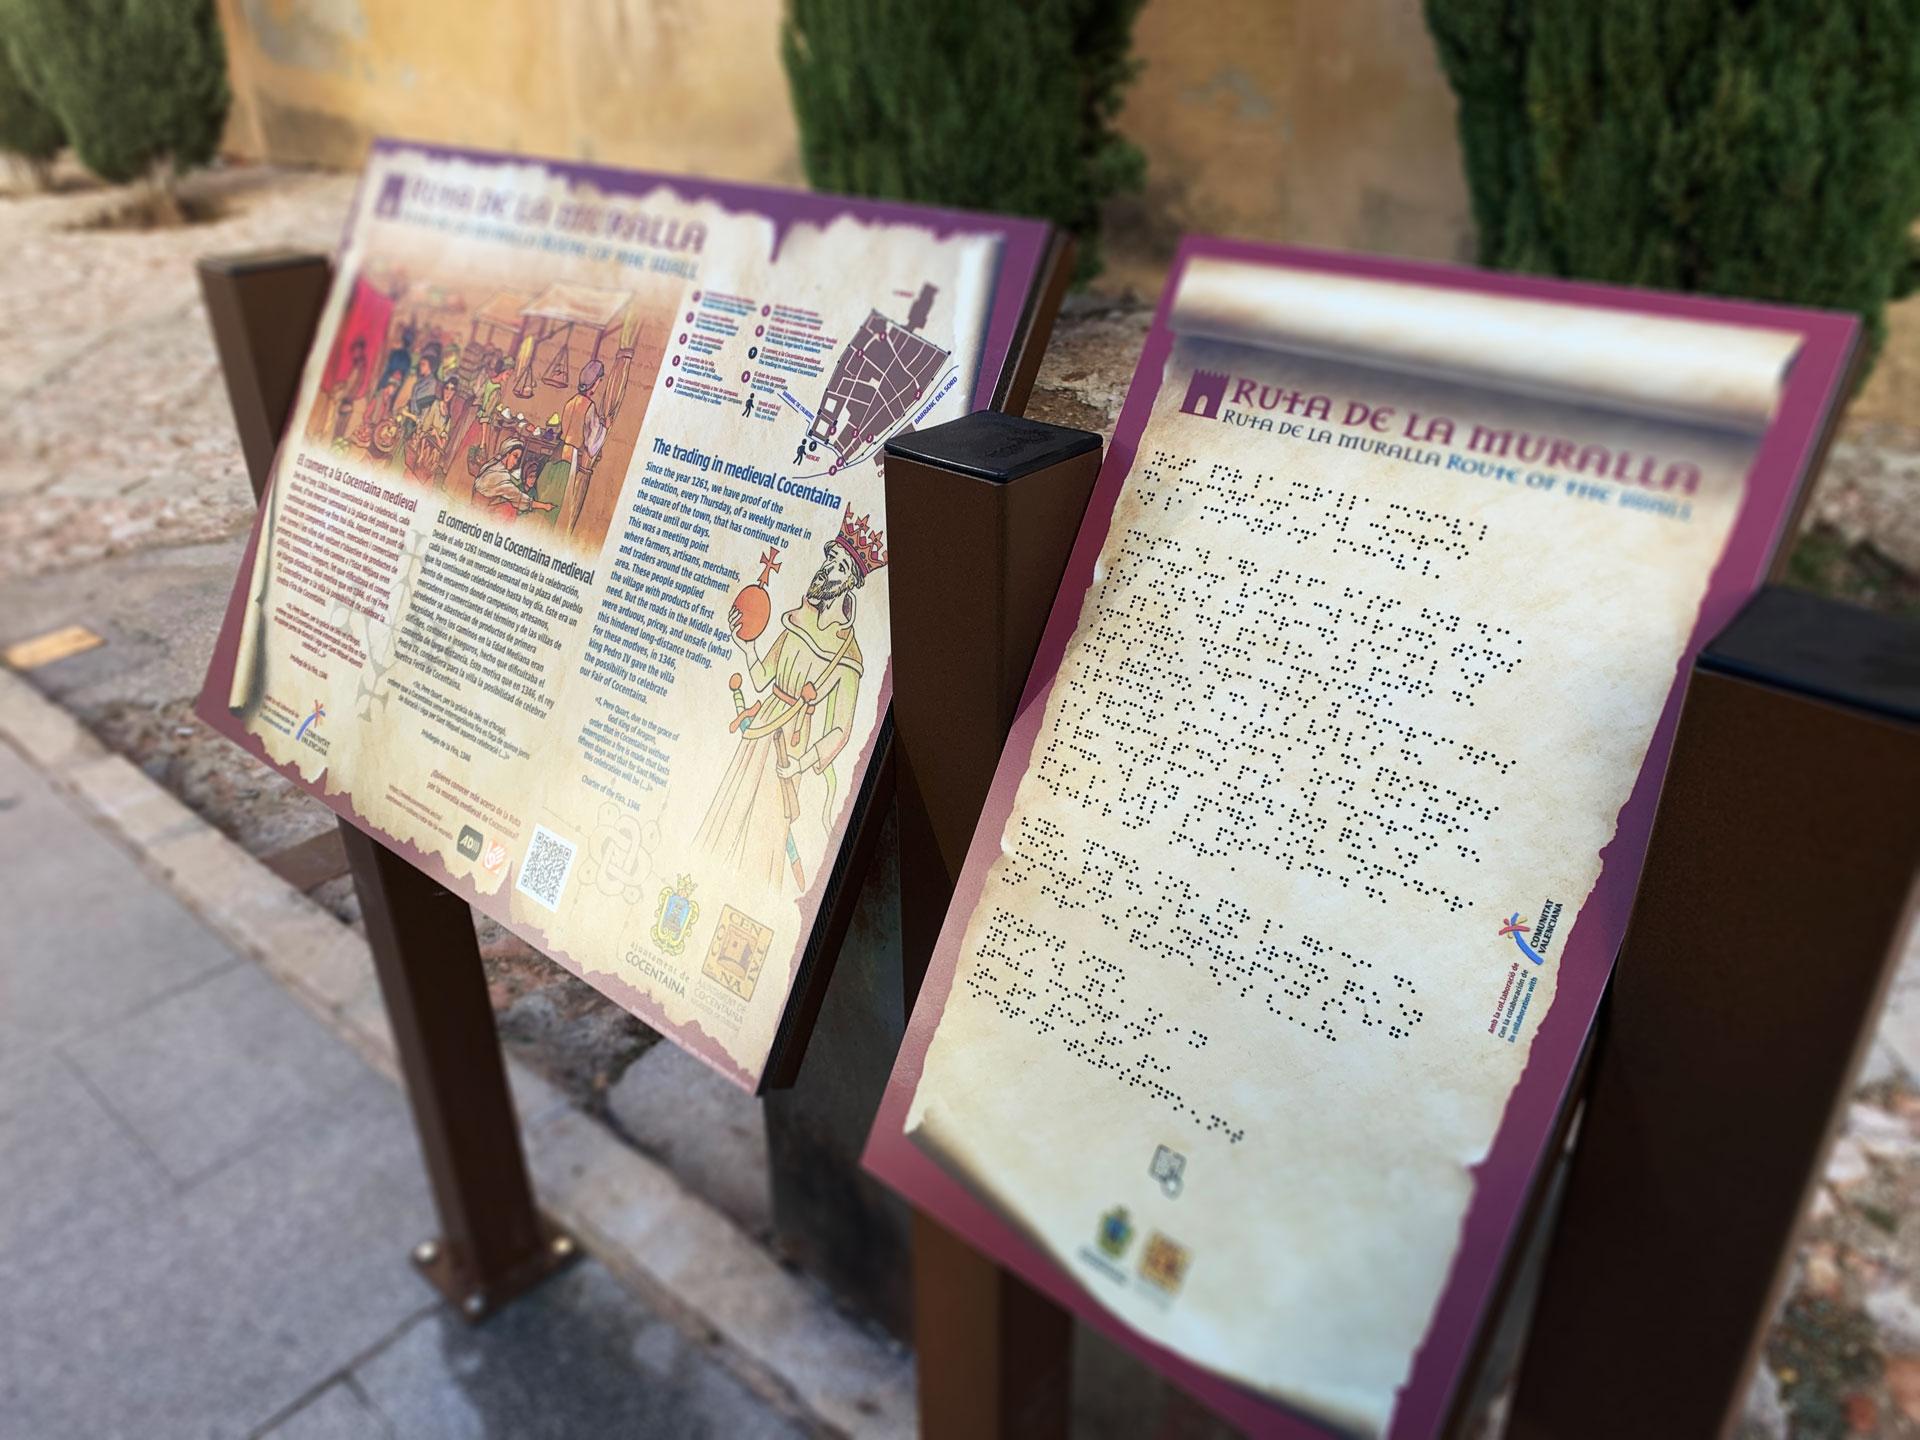 Mesas de la ruta de la Muralla en Cocentaina